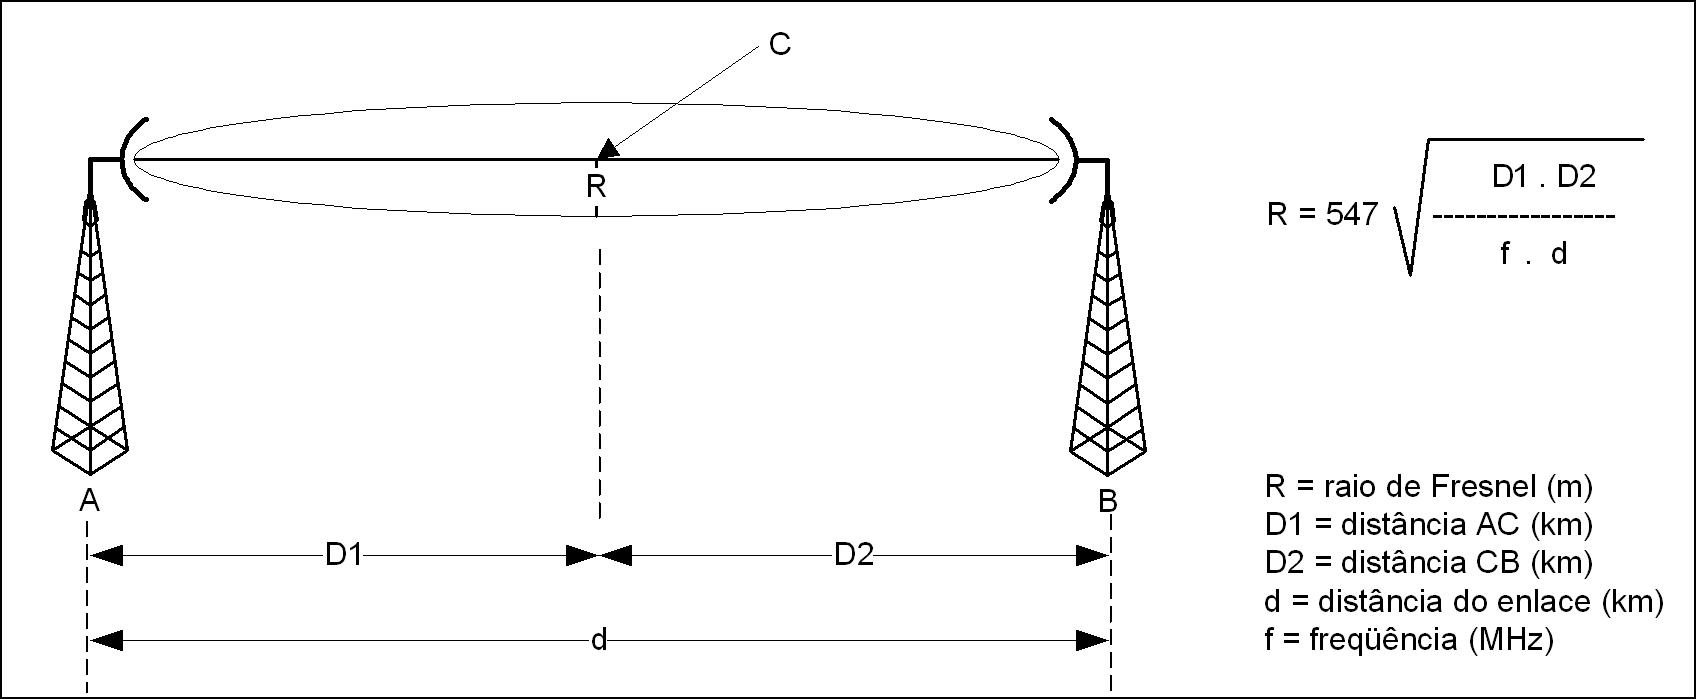 Cálculo de rádio enlace para rádio modem